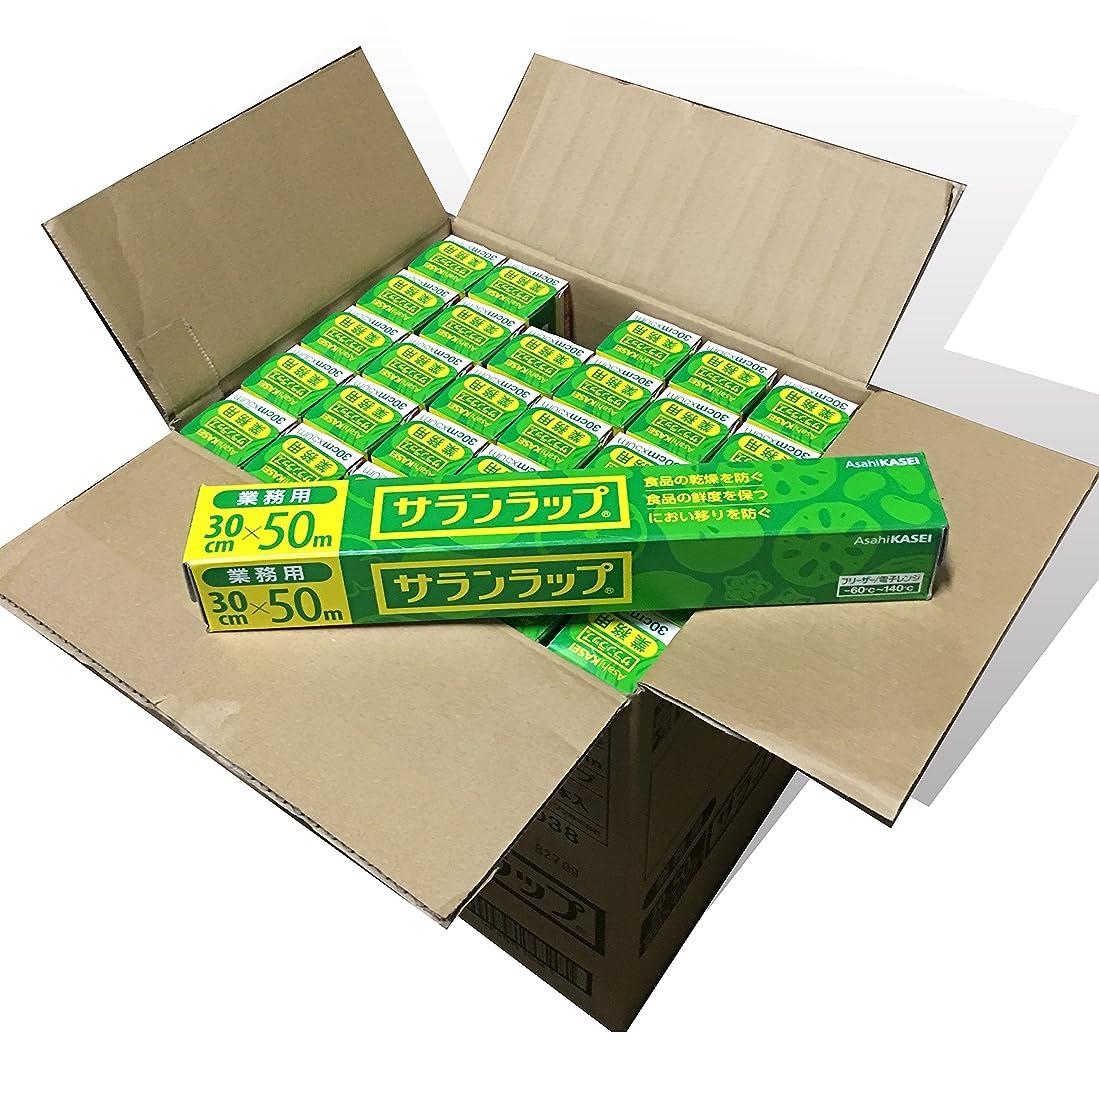 乳製品否認するでも旭化成ホームプロダク サランラップ 30cm×50m 30本入